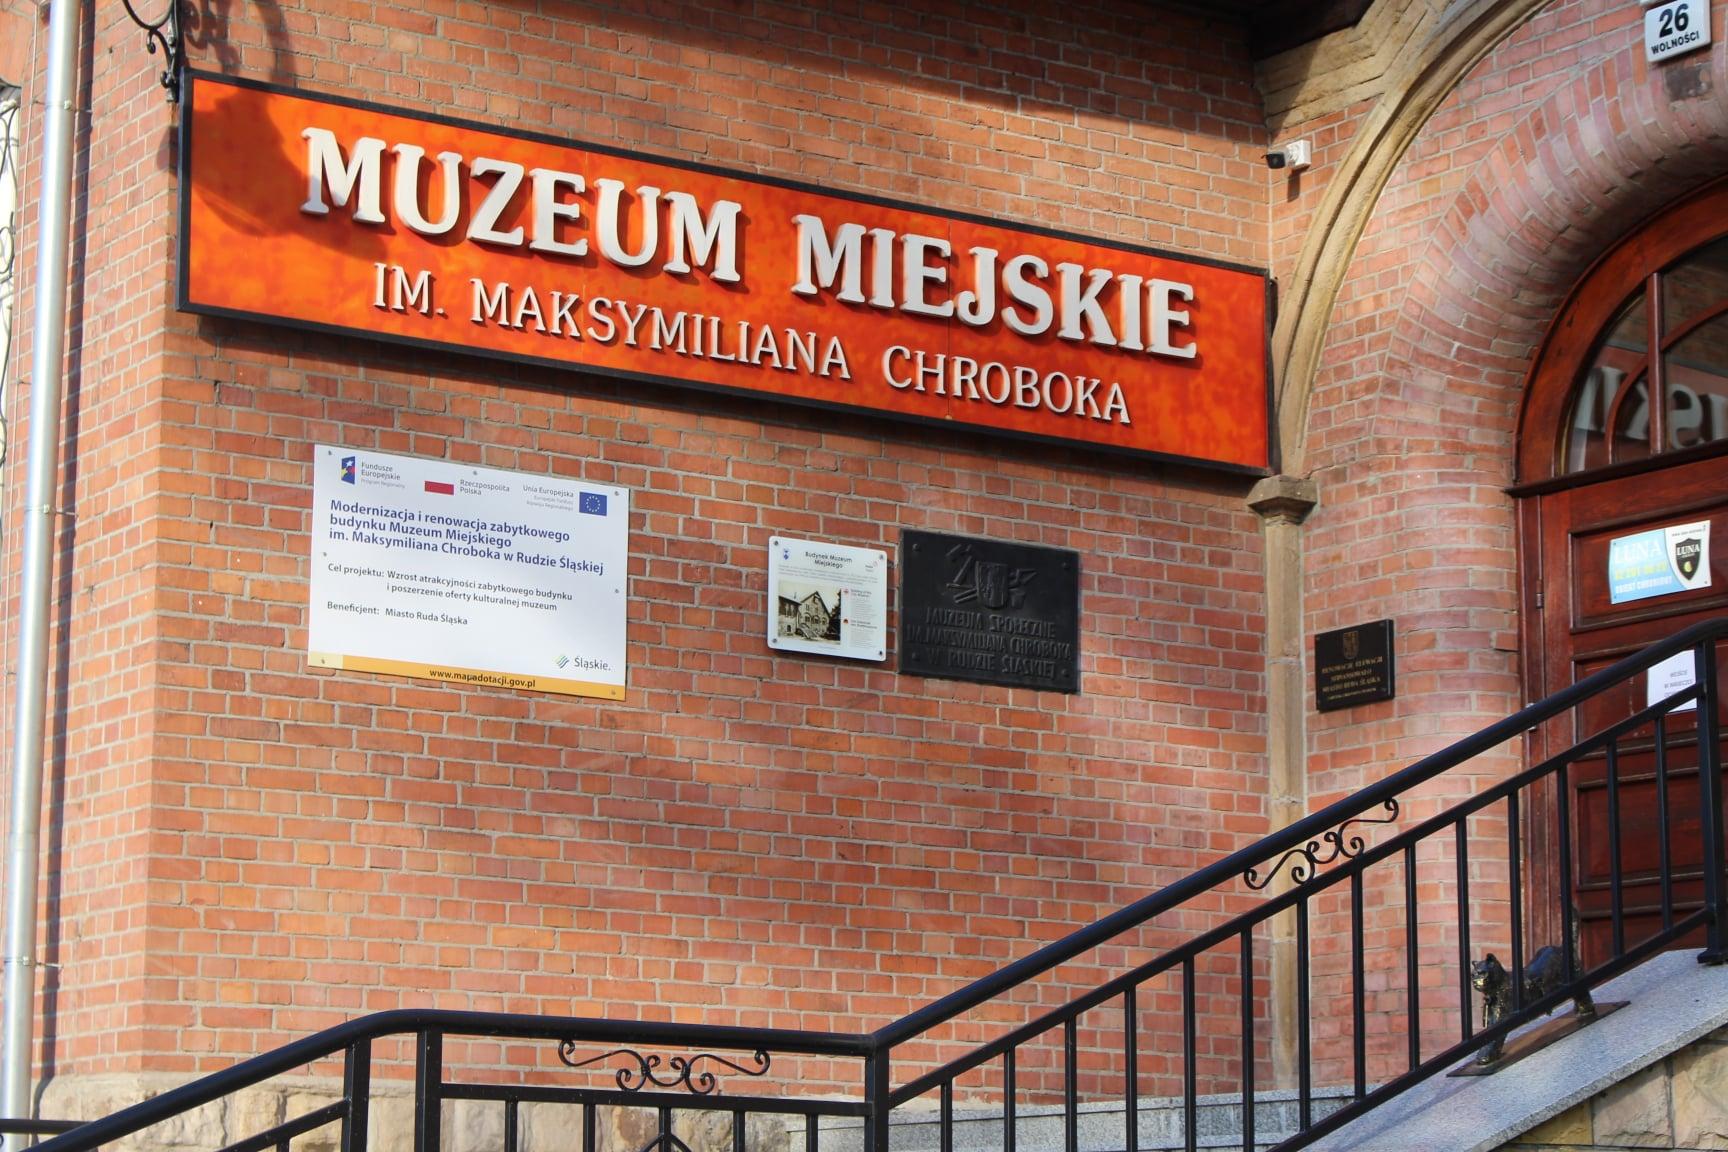 """Fragment budynku z cegły z napisem """"Muzeum Miejskie im. Maksymiliana Chroboka"""" i tablicami informacyjnymi, schody z poręczą prowadzące do brązowych drzwi"""